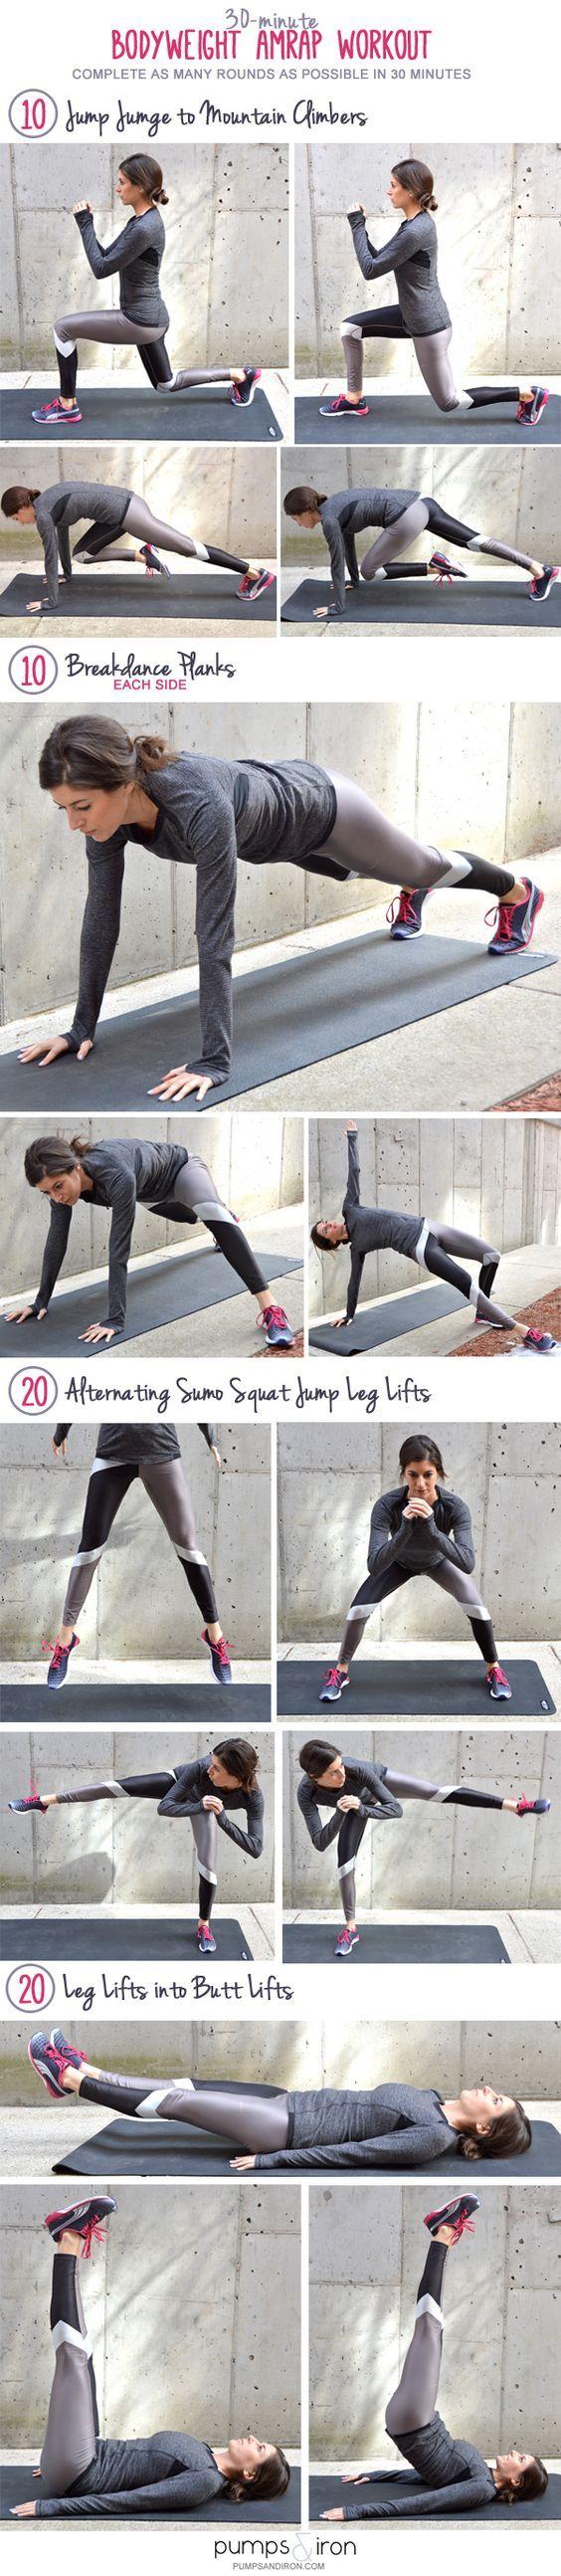 30-Minute Bodyweight #AMRAP Workout: